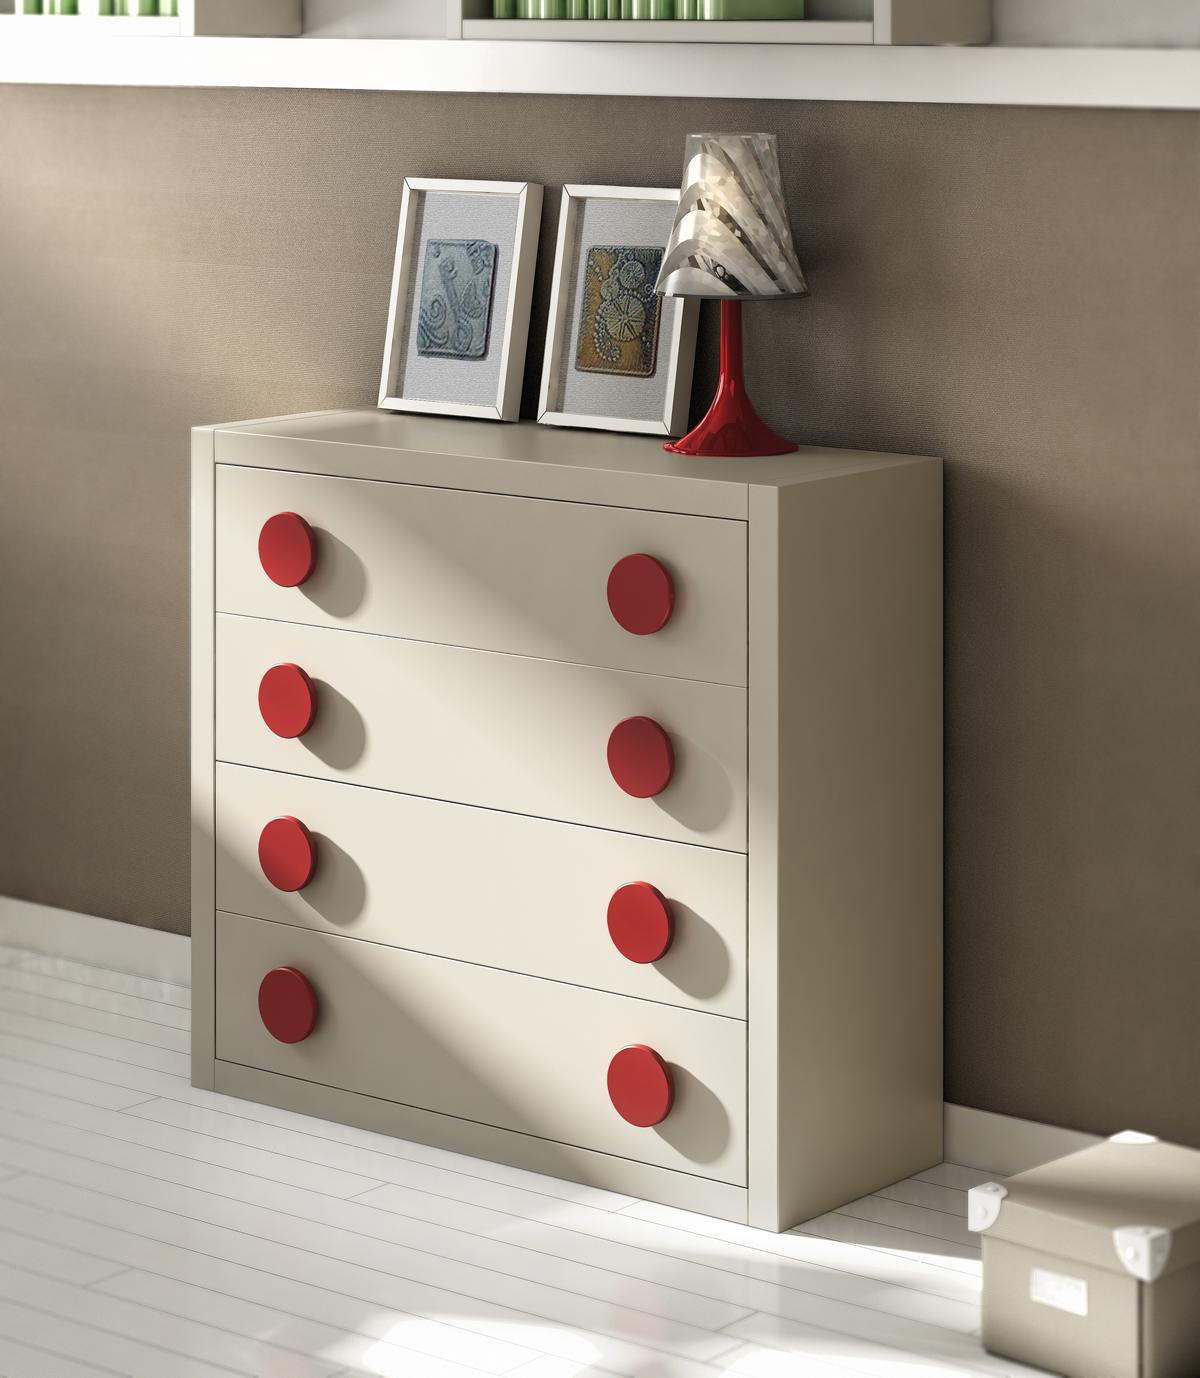 Dimaf muebles mueble juvenil e infantil dimaf mueble a medida mueble de hogar y decoraci n - Muebles infantiles sevilla ...